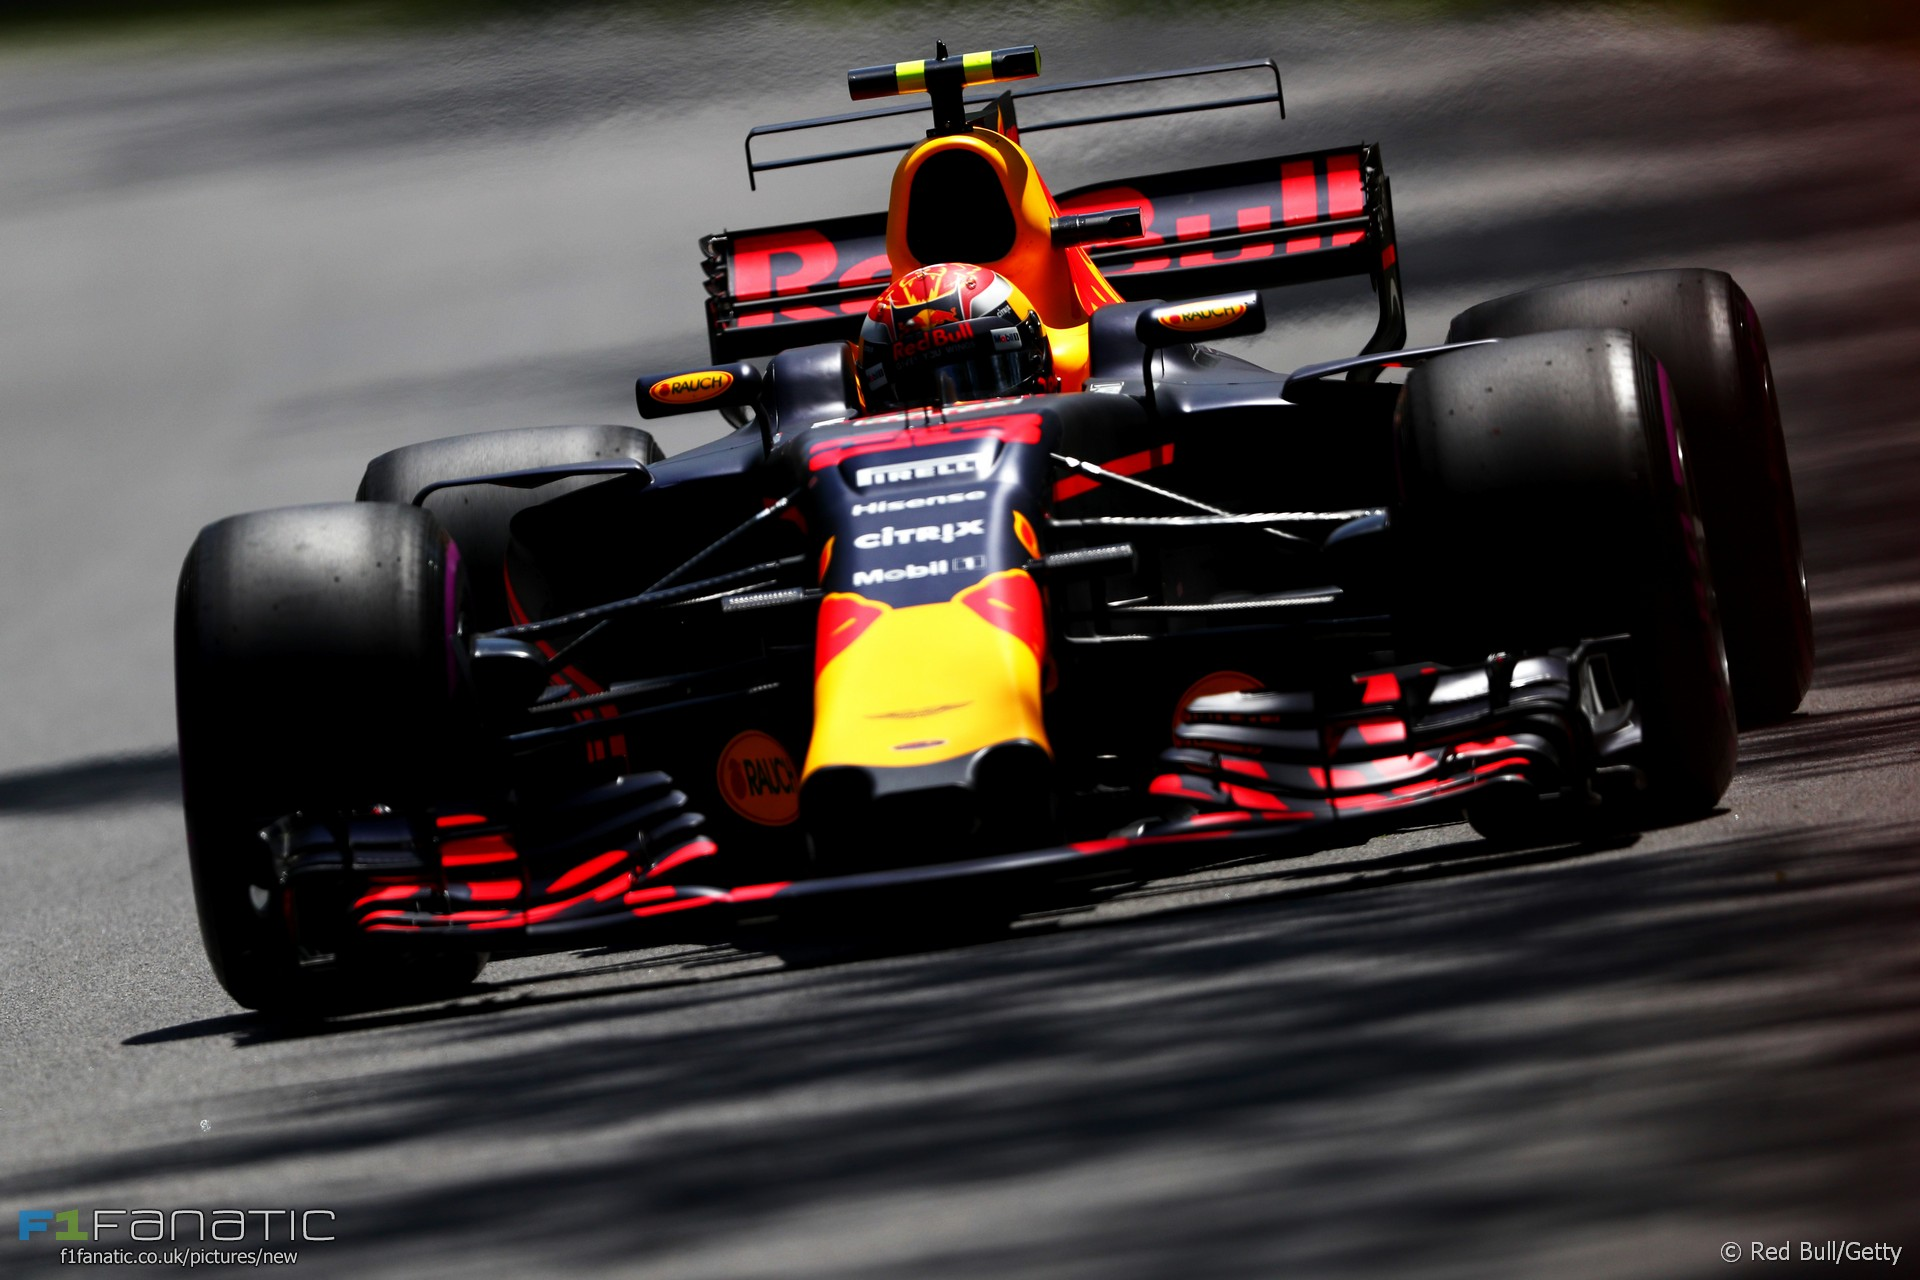 Max Verstappen, Red Bull, Circuit Gilles Villeneuve, 2017